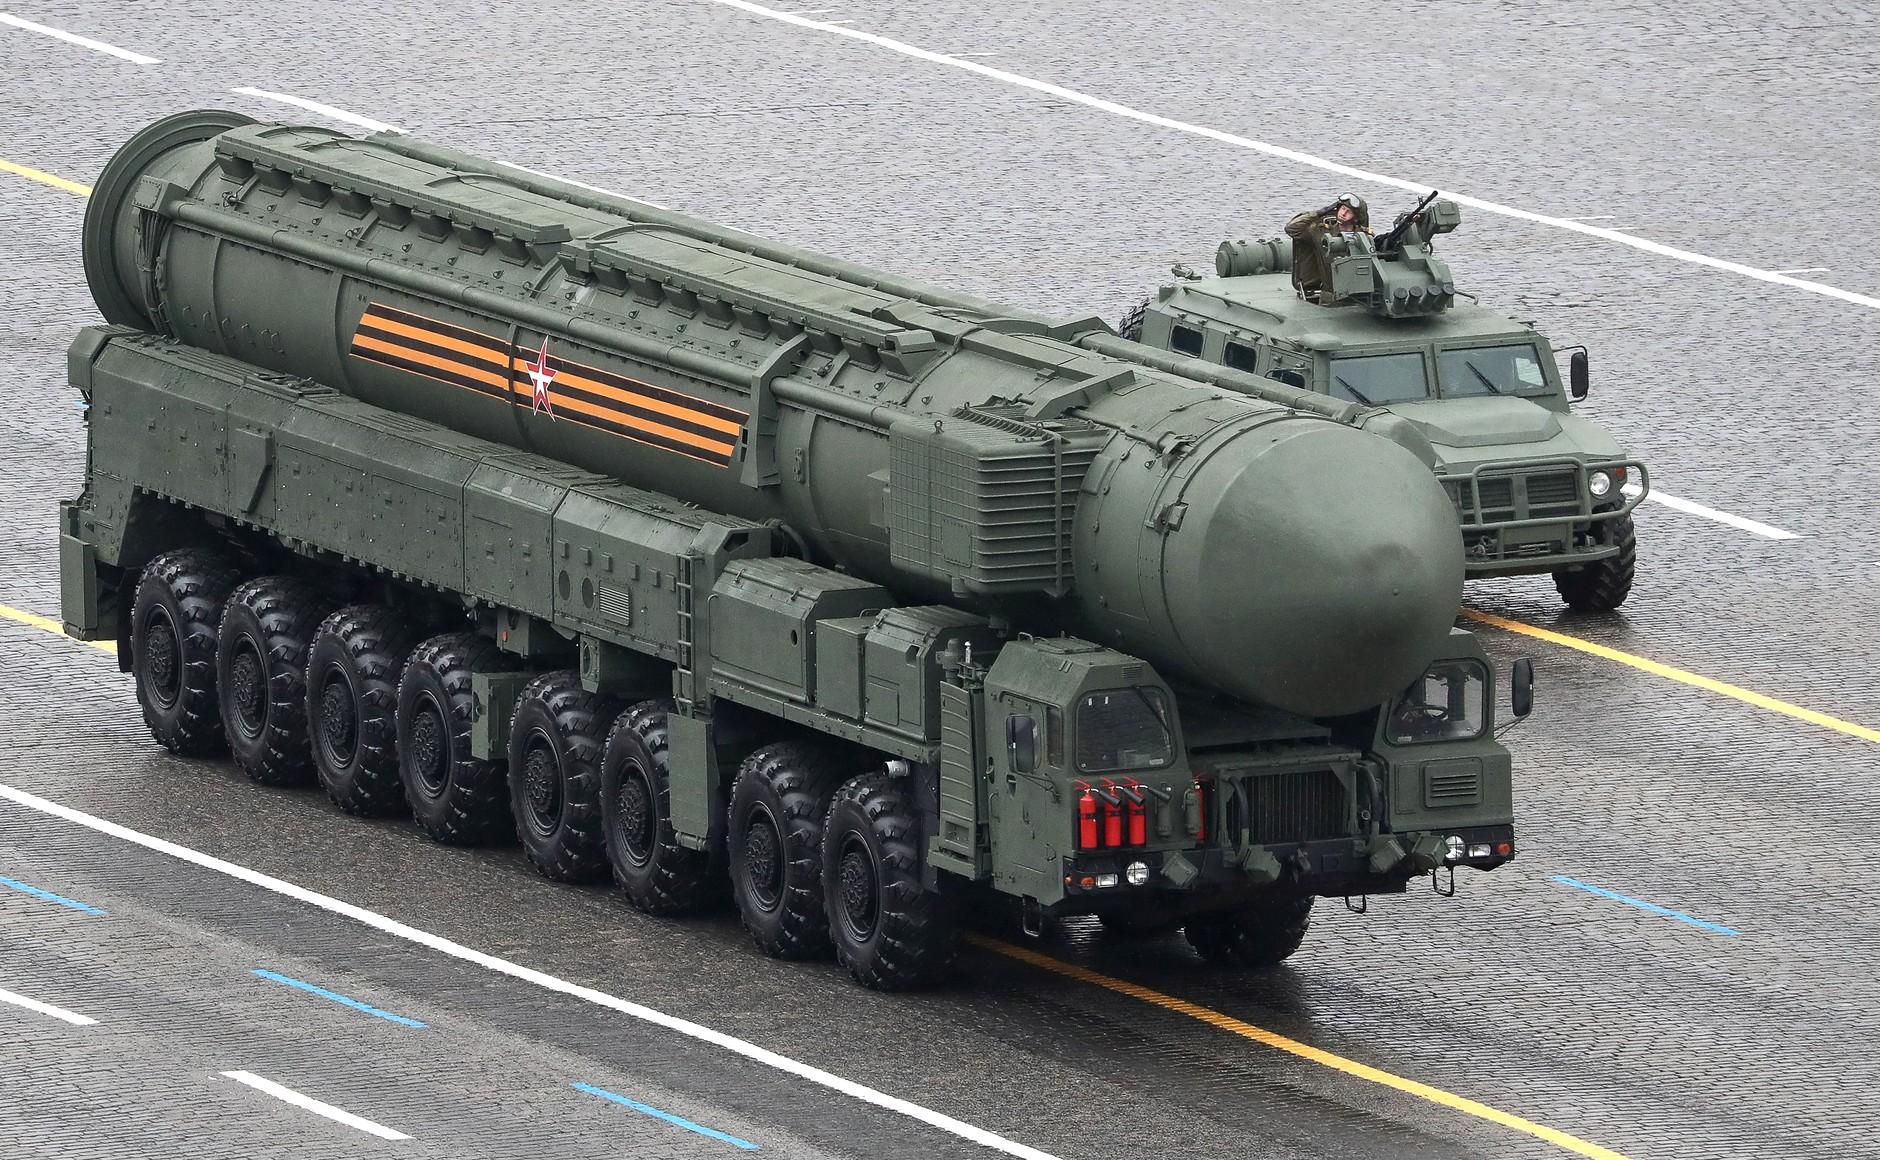 Baijiahao: Россия выбесила Пентагон новейшей неуловимой ракетой 9М729